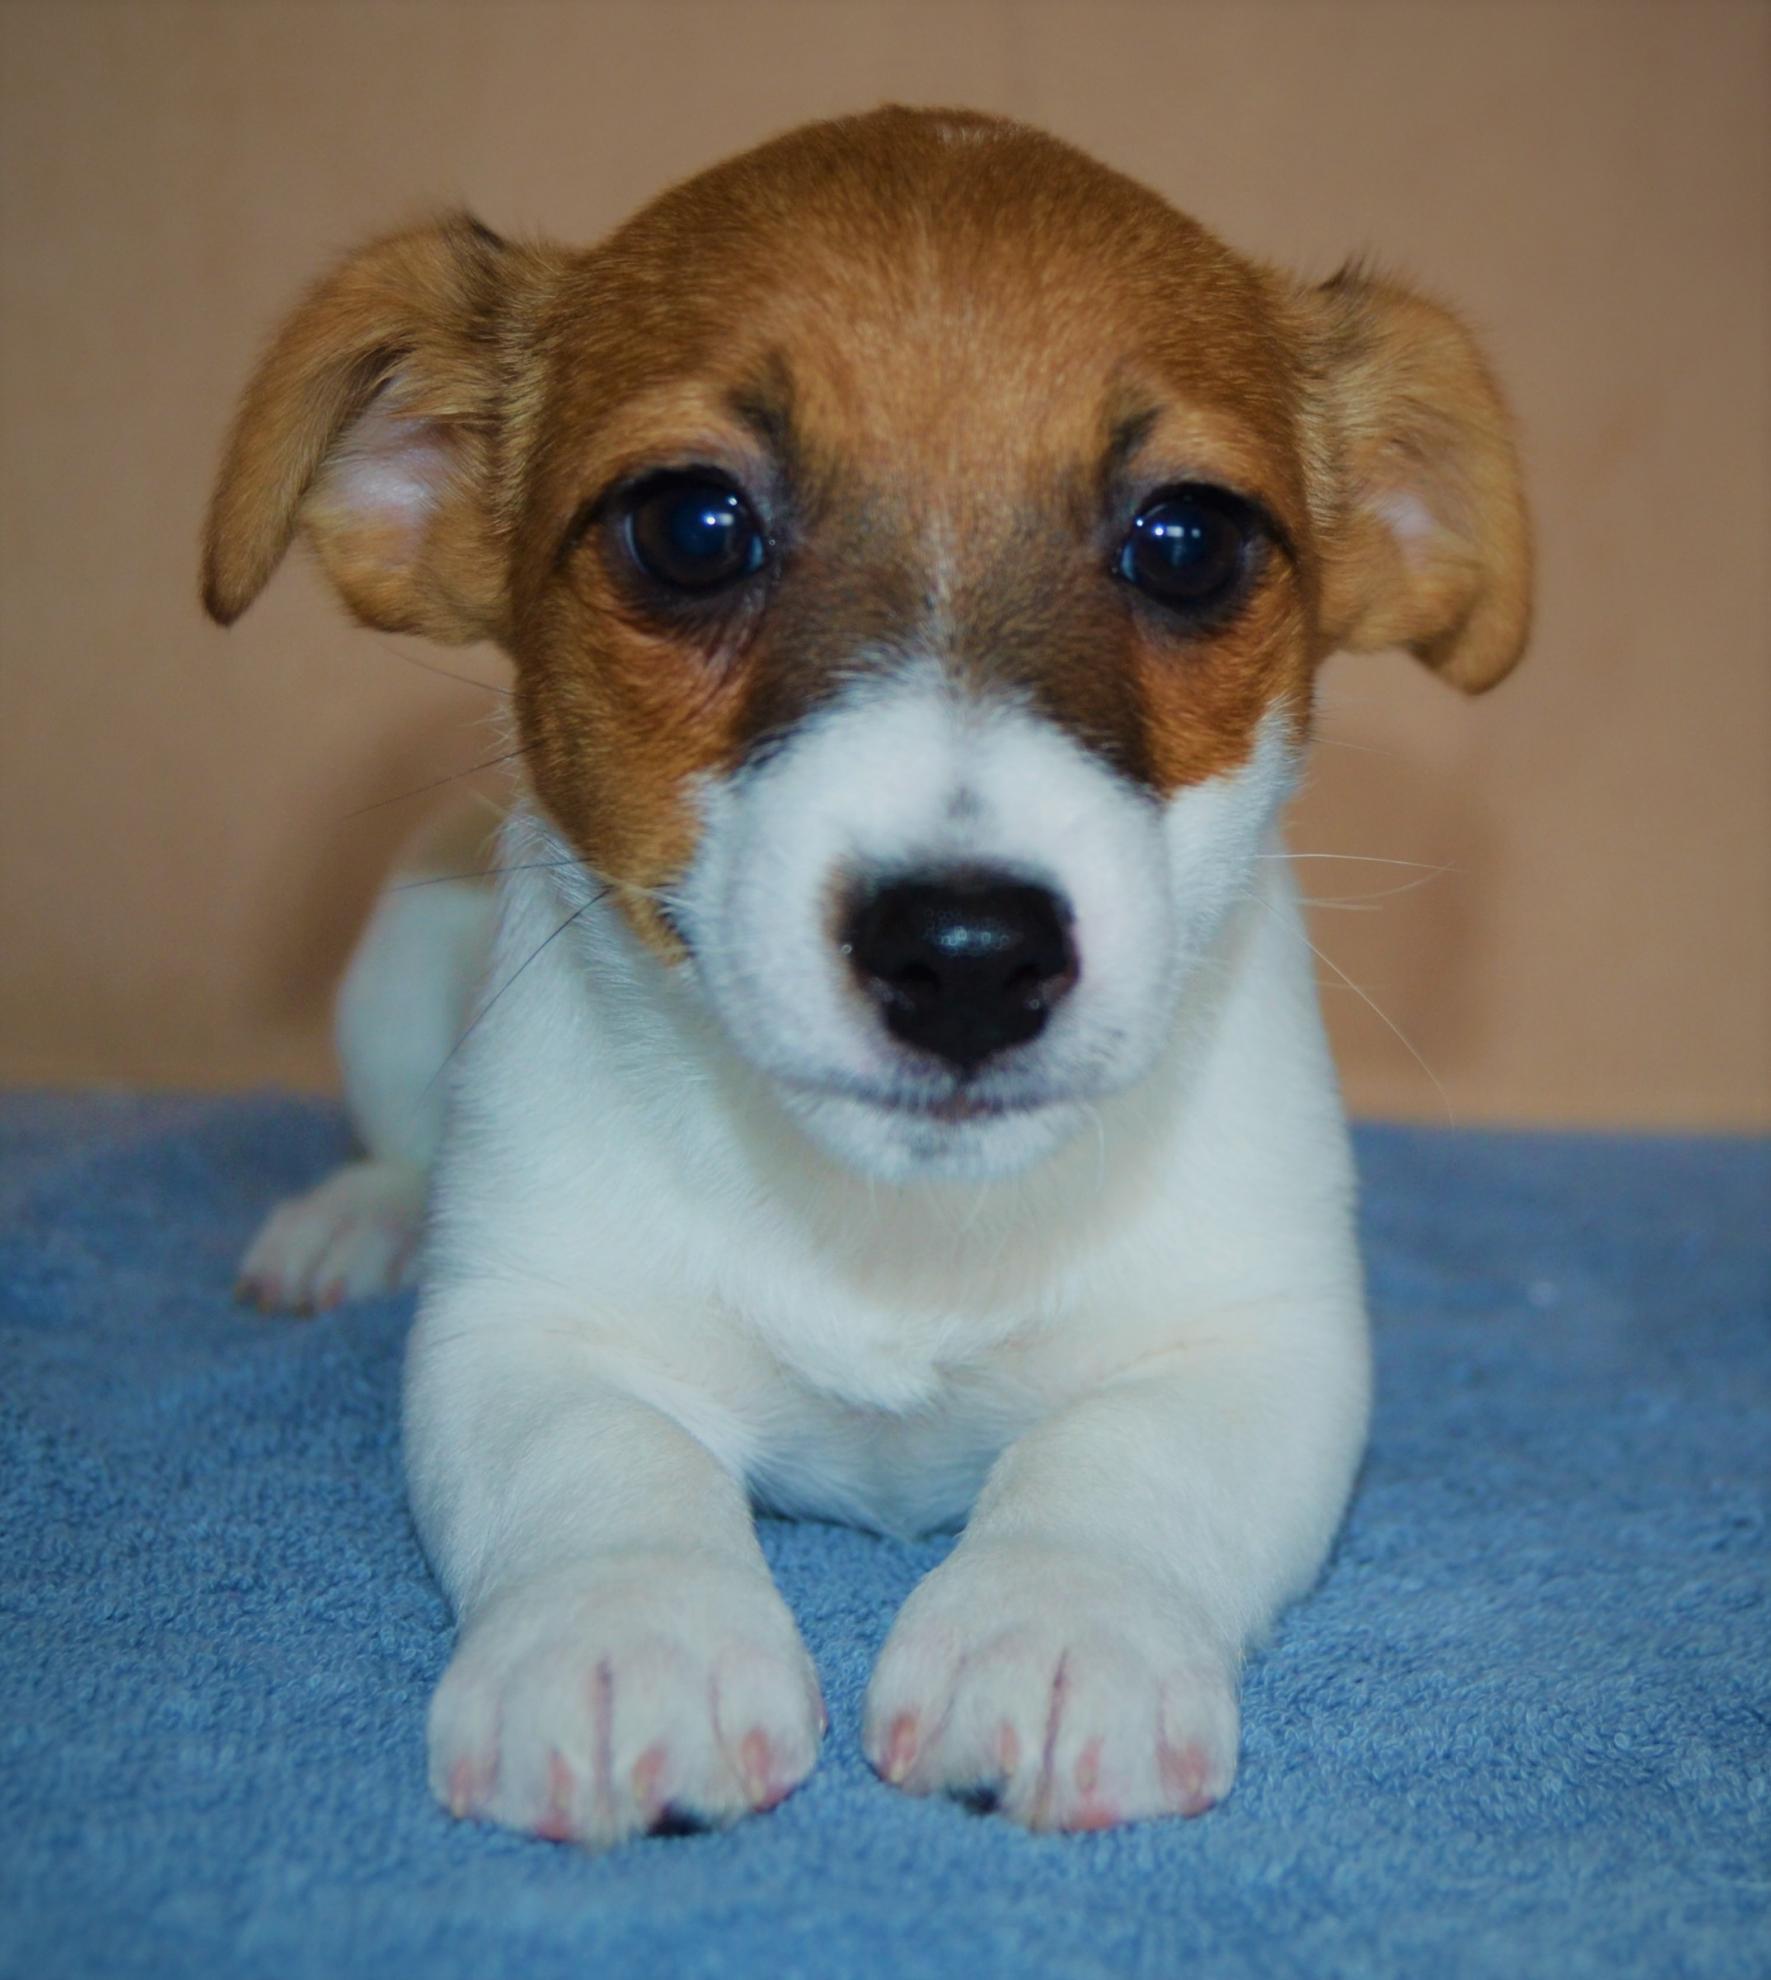 Chiot Jack russell terrier : 5  mâles - femelles 2 249026